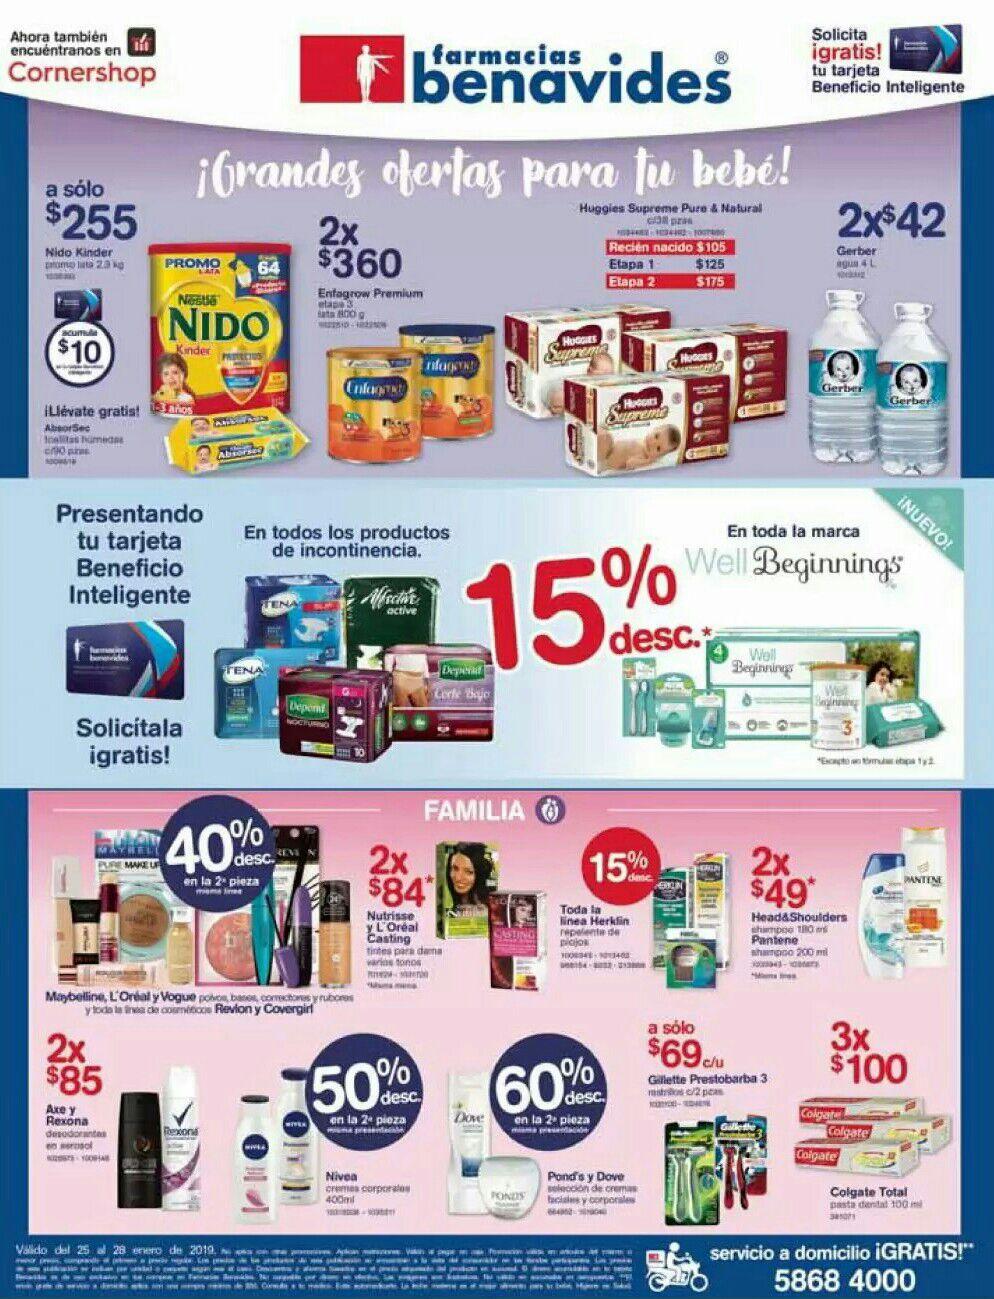 Farmacias Benavides: Ofertas del Viernes 25 al Lunes 28 de Enero